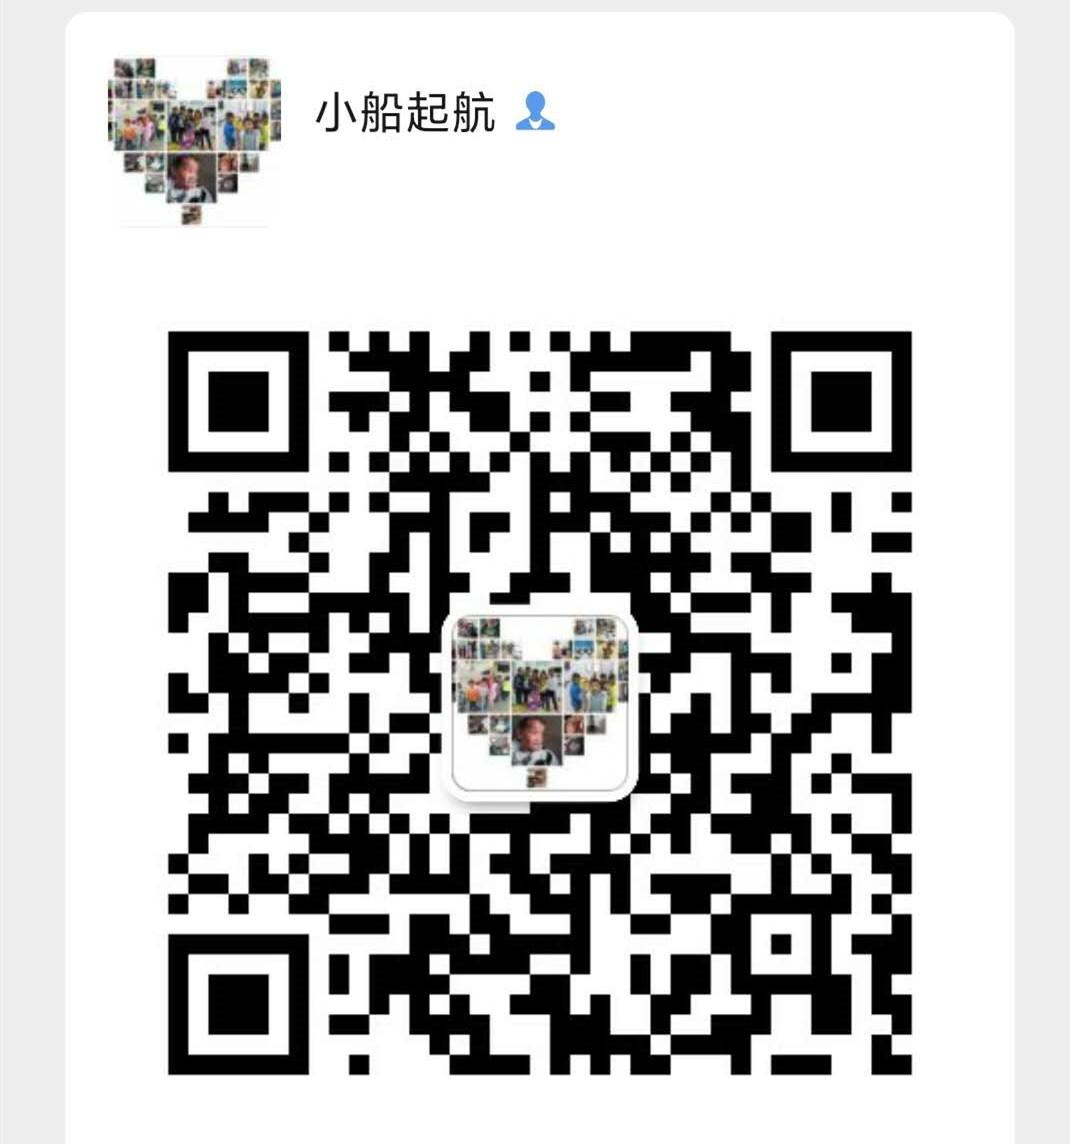 微信图片_20200528200136.jpg